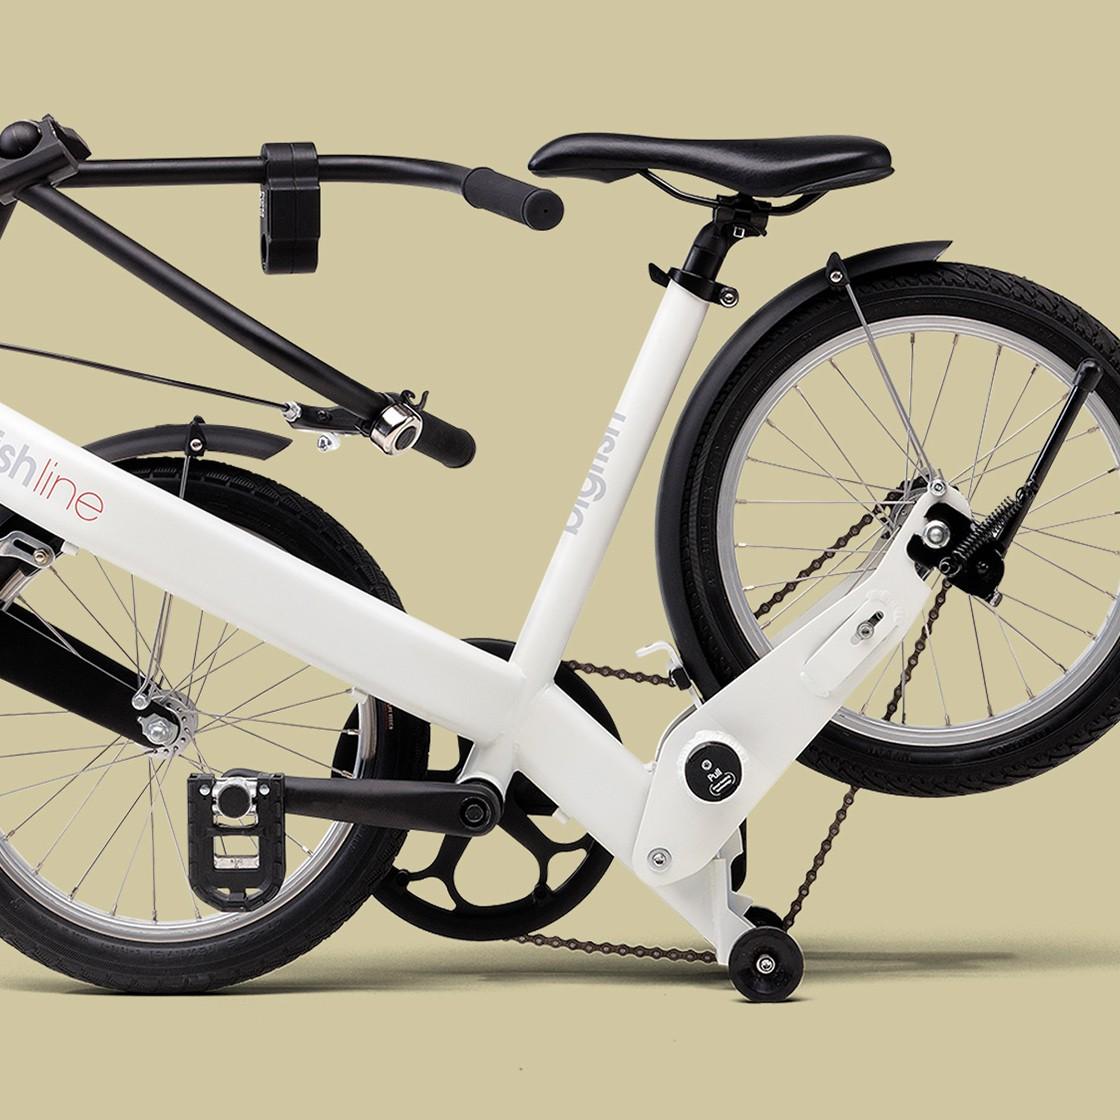 Bigfish Folding Bike Gigodesign